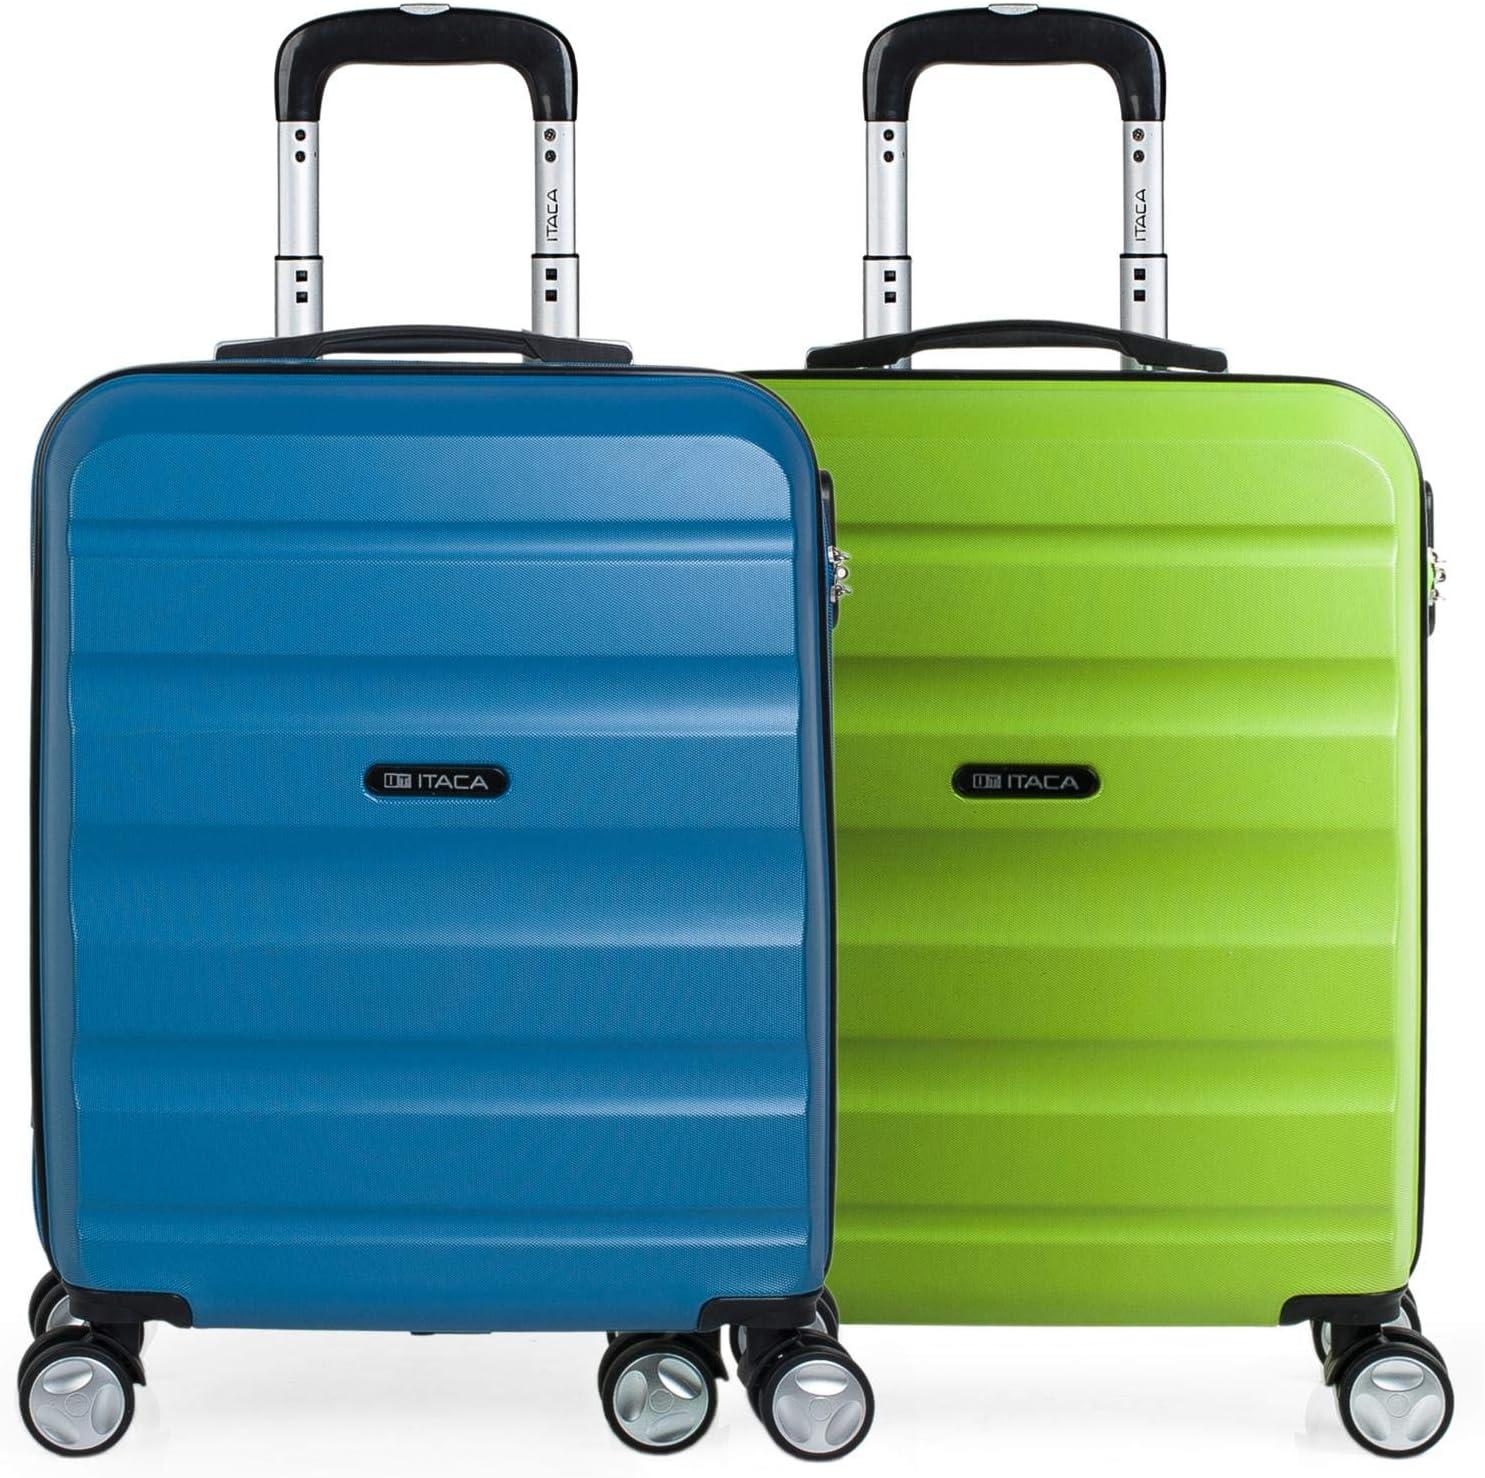 ITACA - Set 2 Maletas Pequeñas para Viaje en Pareja. Rígidas 4 Ruedas 55x40x20 cm Cabina Trolley ABS. Equipaje de Mano. Cómodas y Ligeras. Ryanair. Calidad y Diseño. T71650P, Color Azul/Pistacho